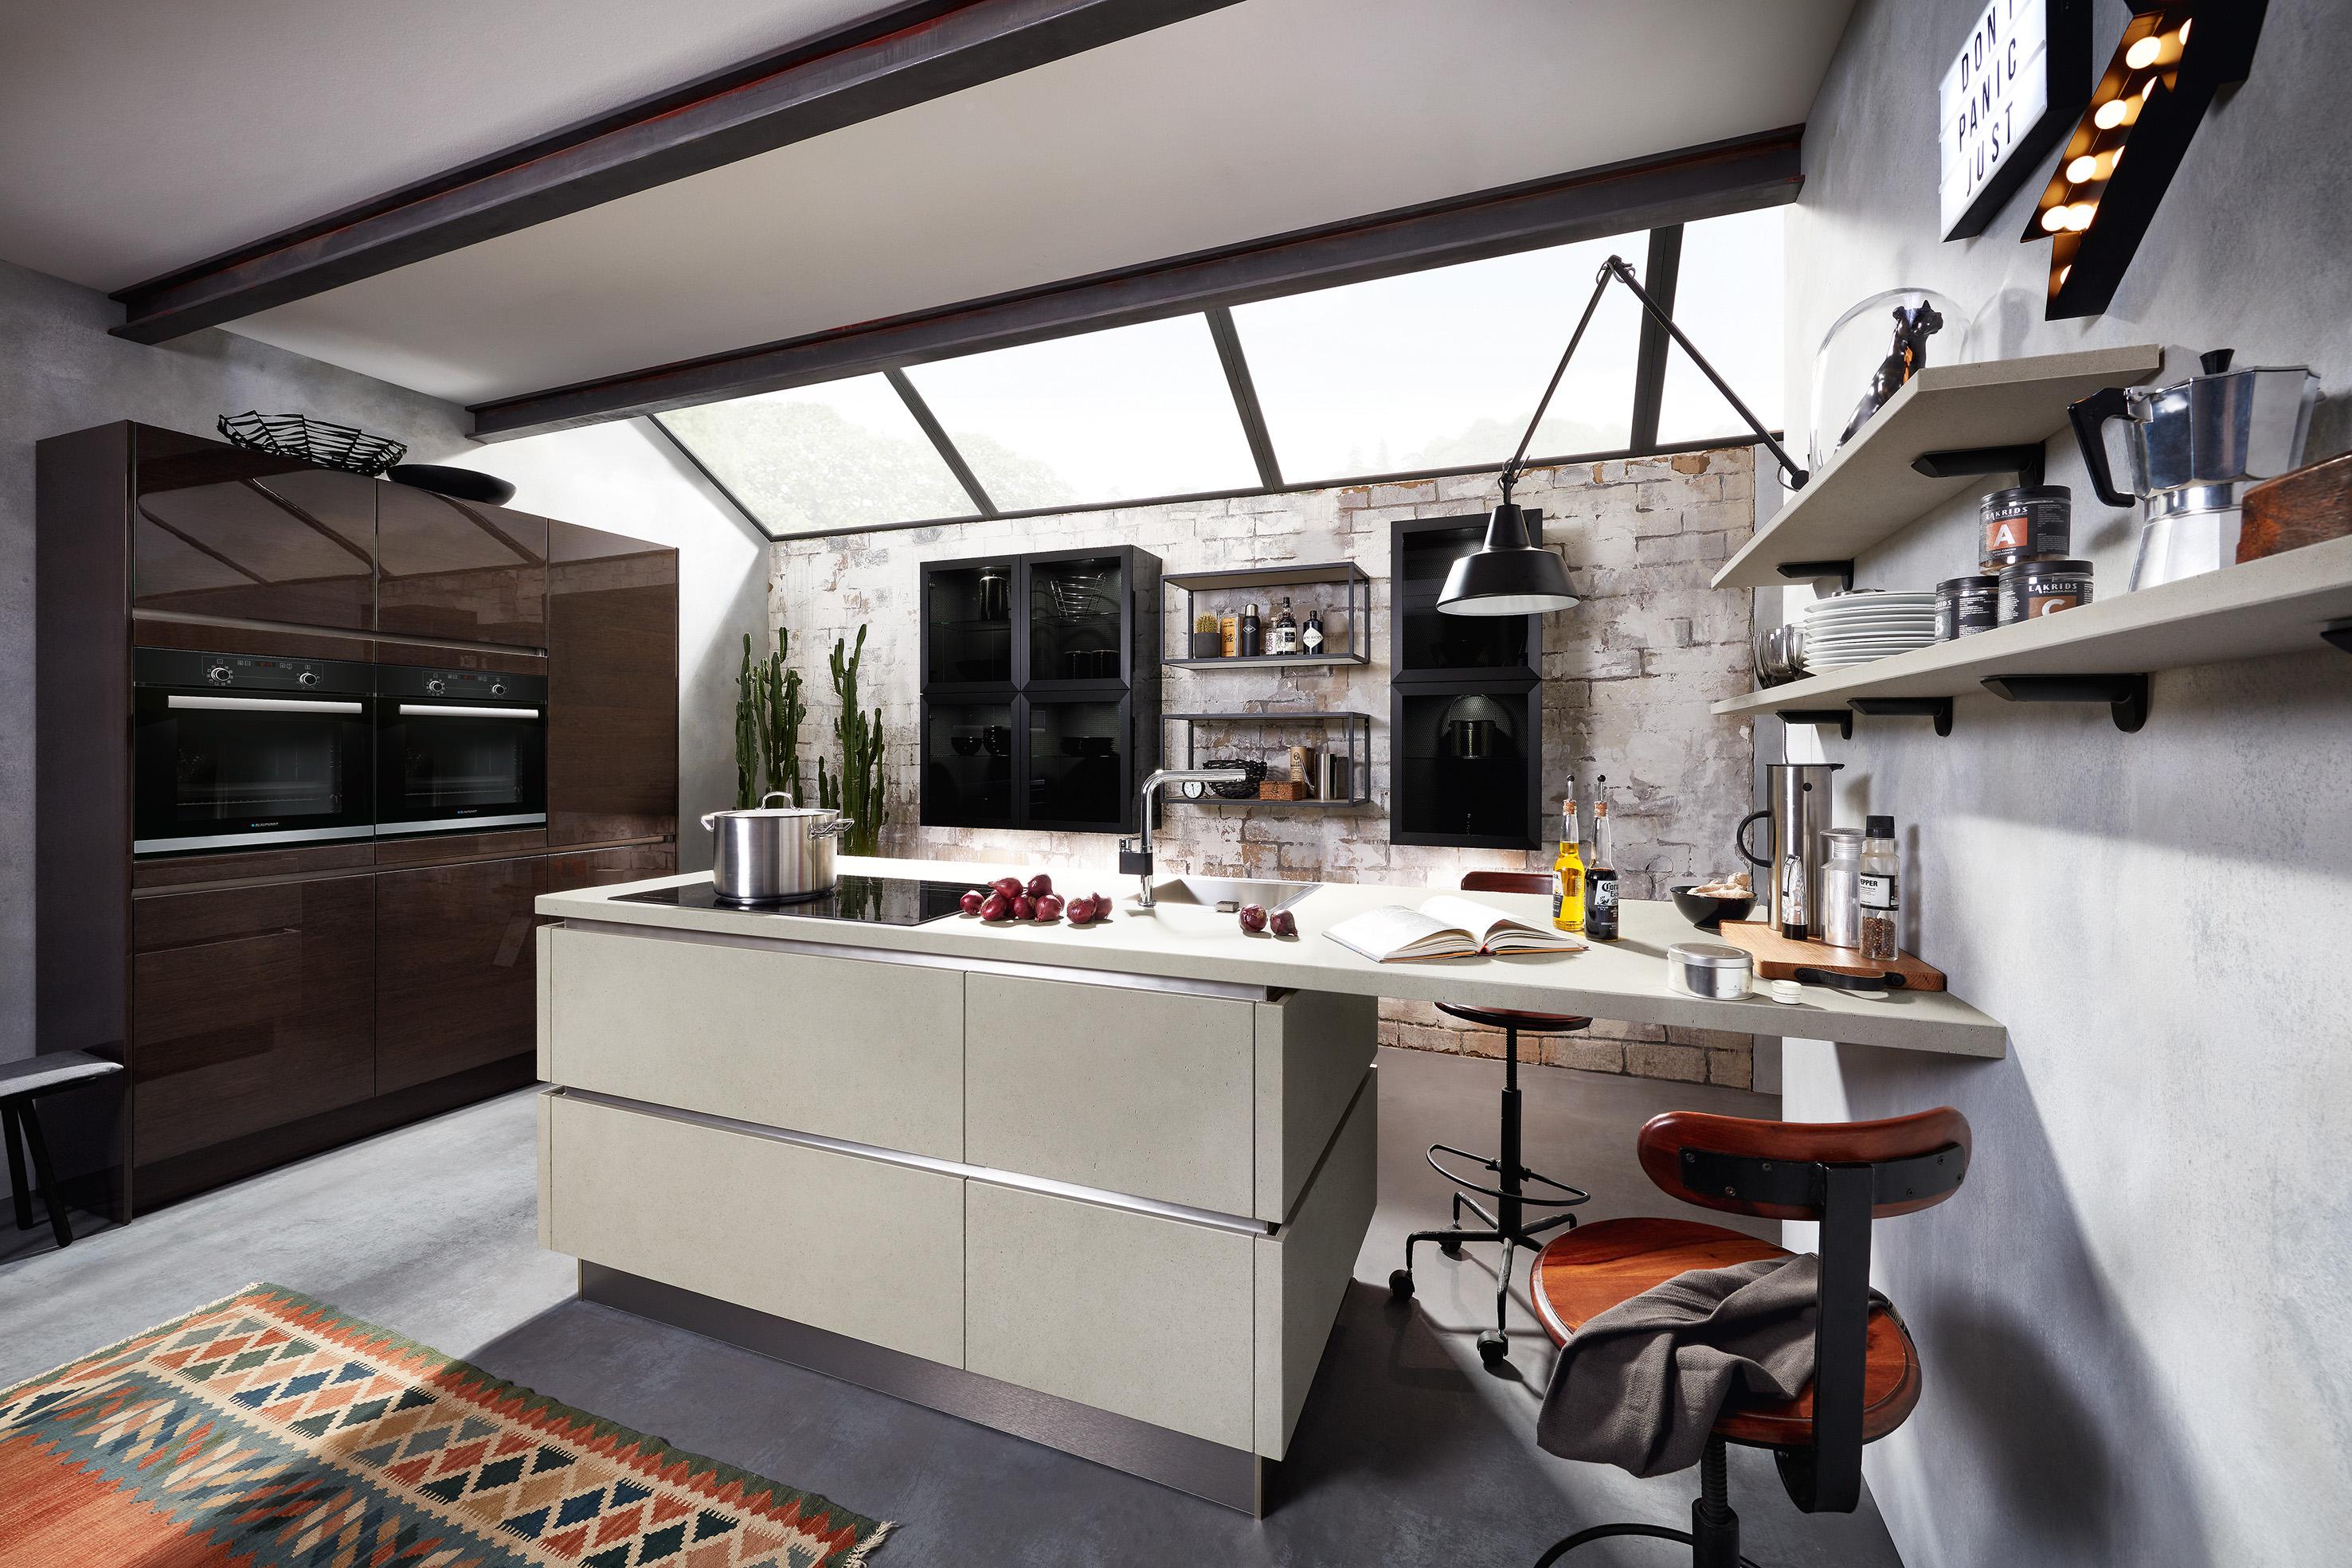 marmor kuche mit beton wand minimalistisch design, küchentrends 2018 - kreative designideen für die küche - küche&co, Design ideen